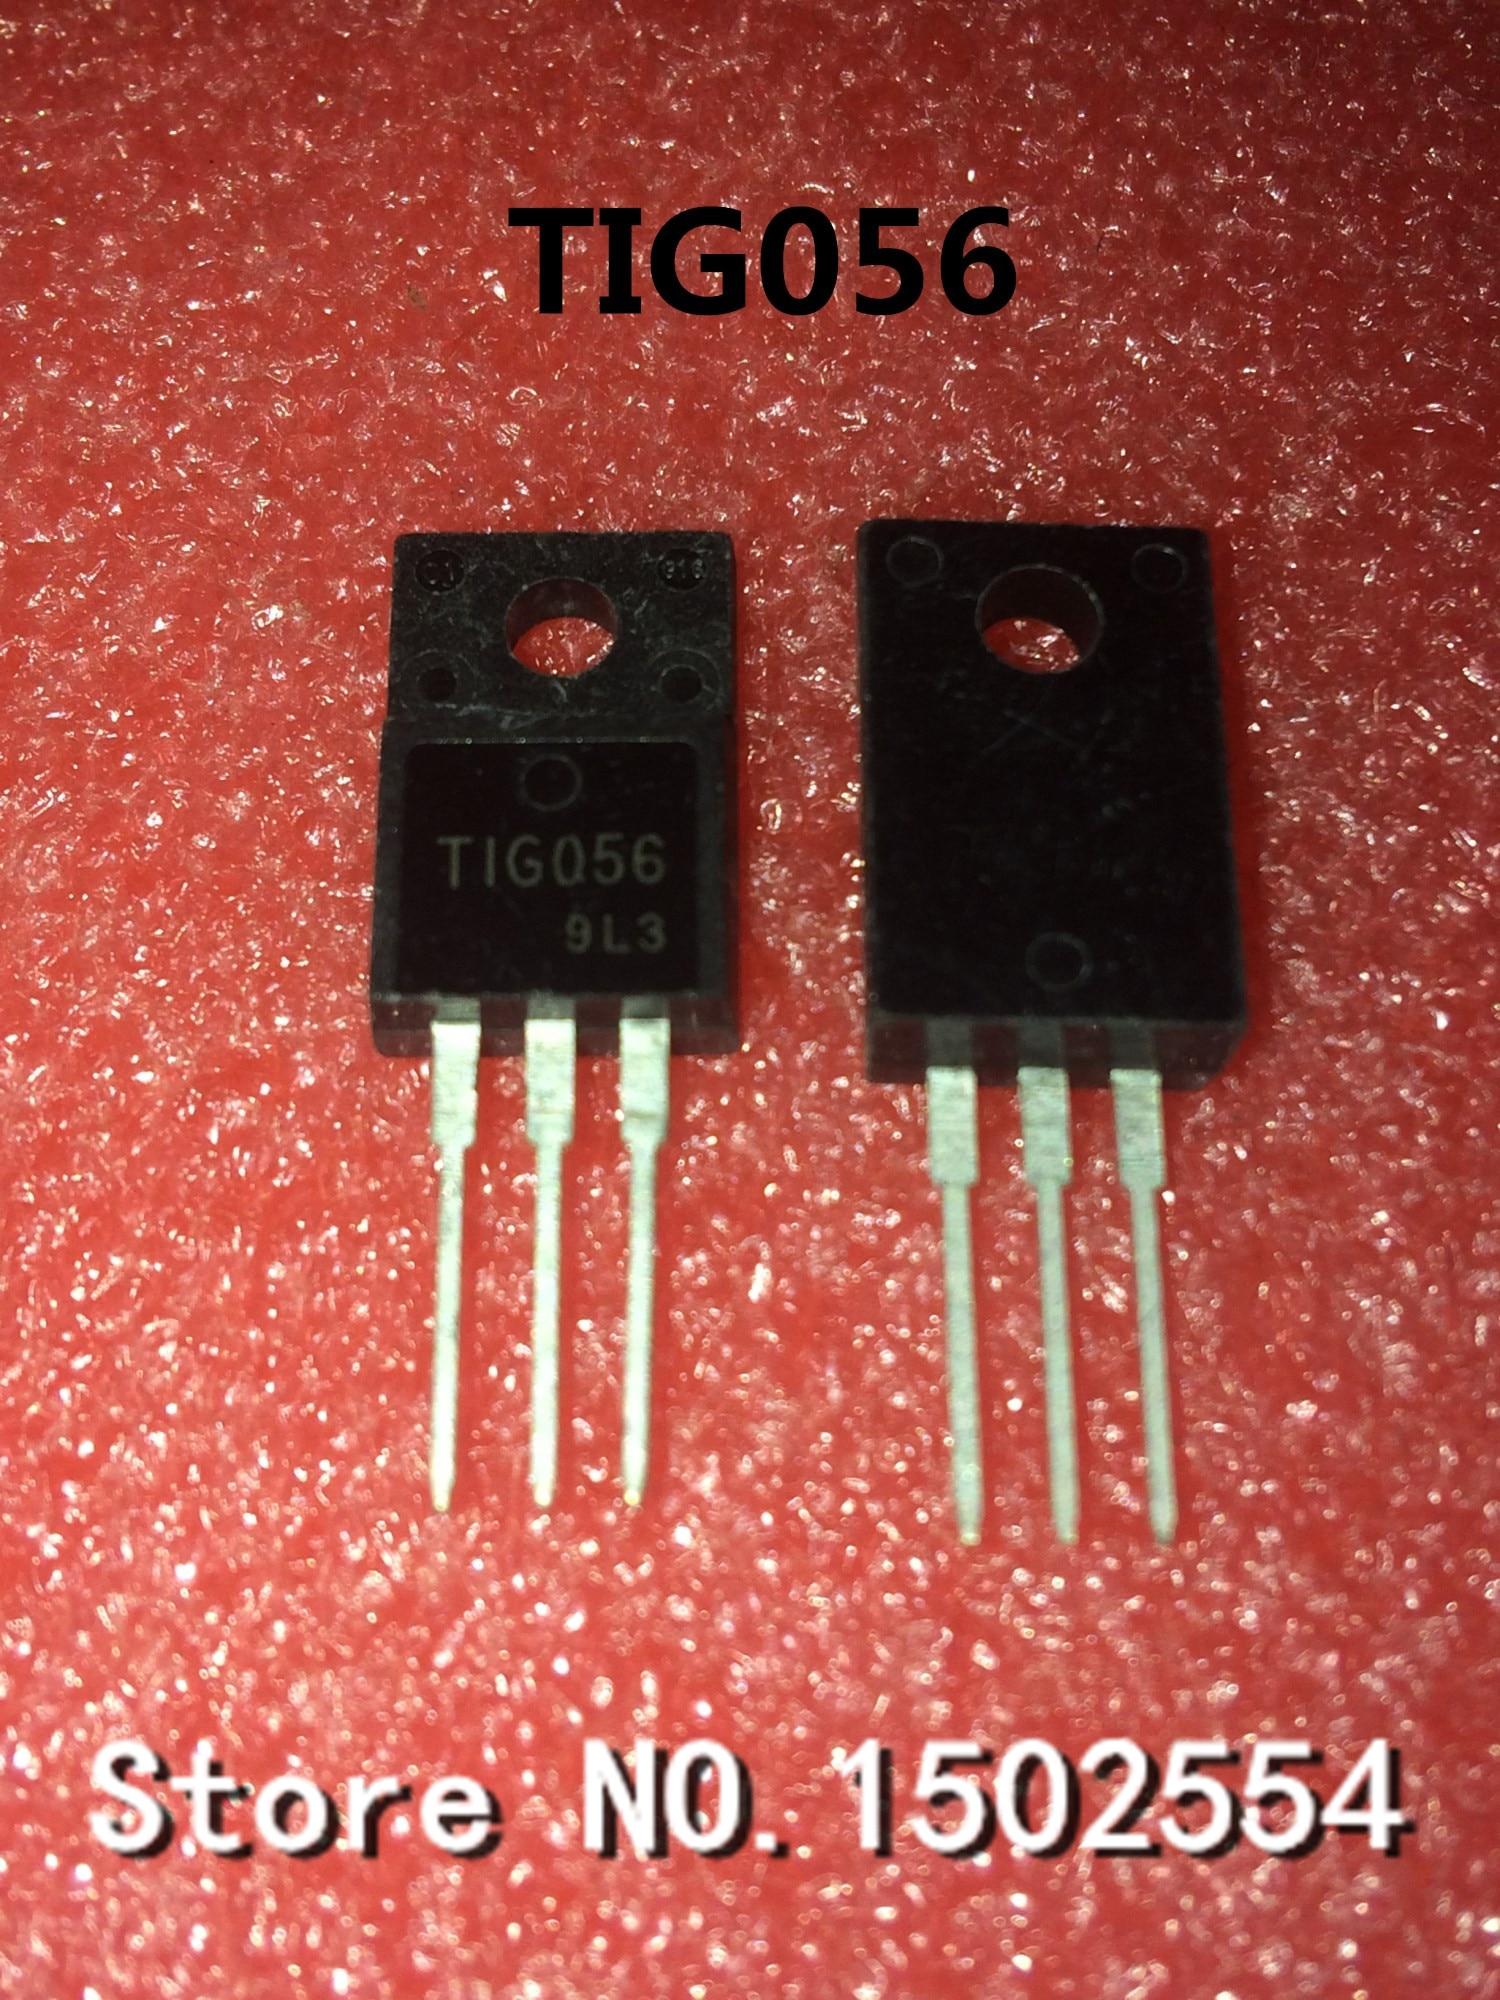 10x 4.8 x 0.8mm VERTICALE PCB Terminal